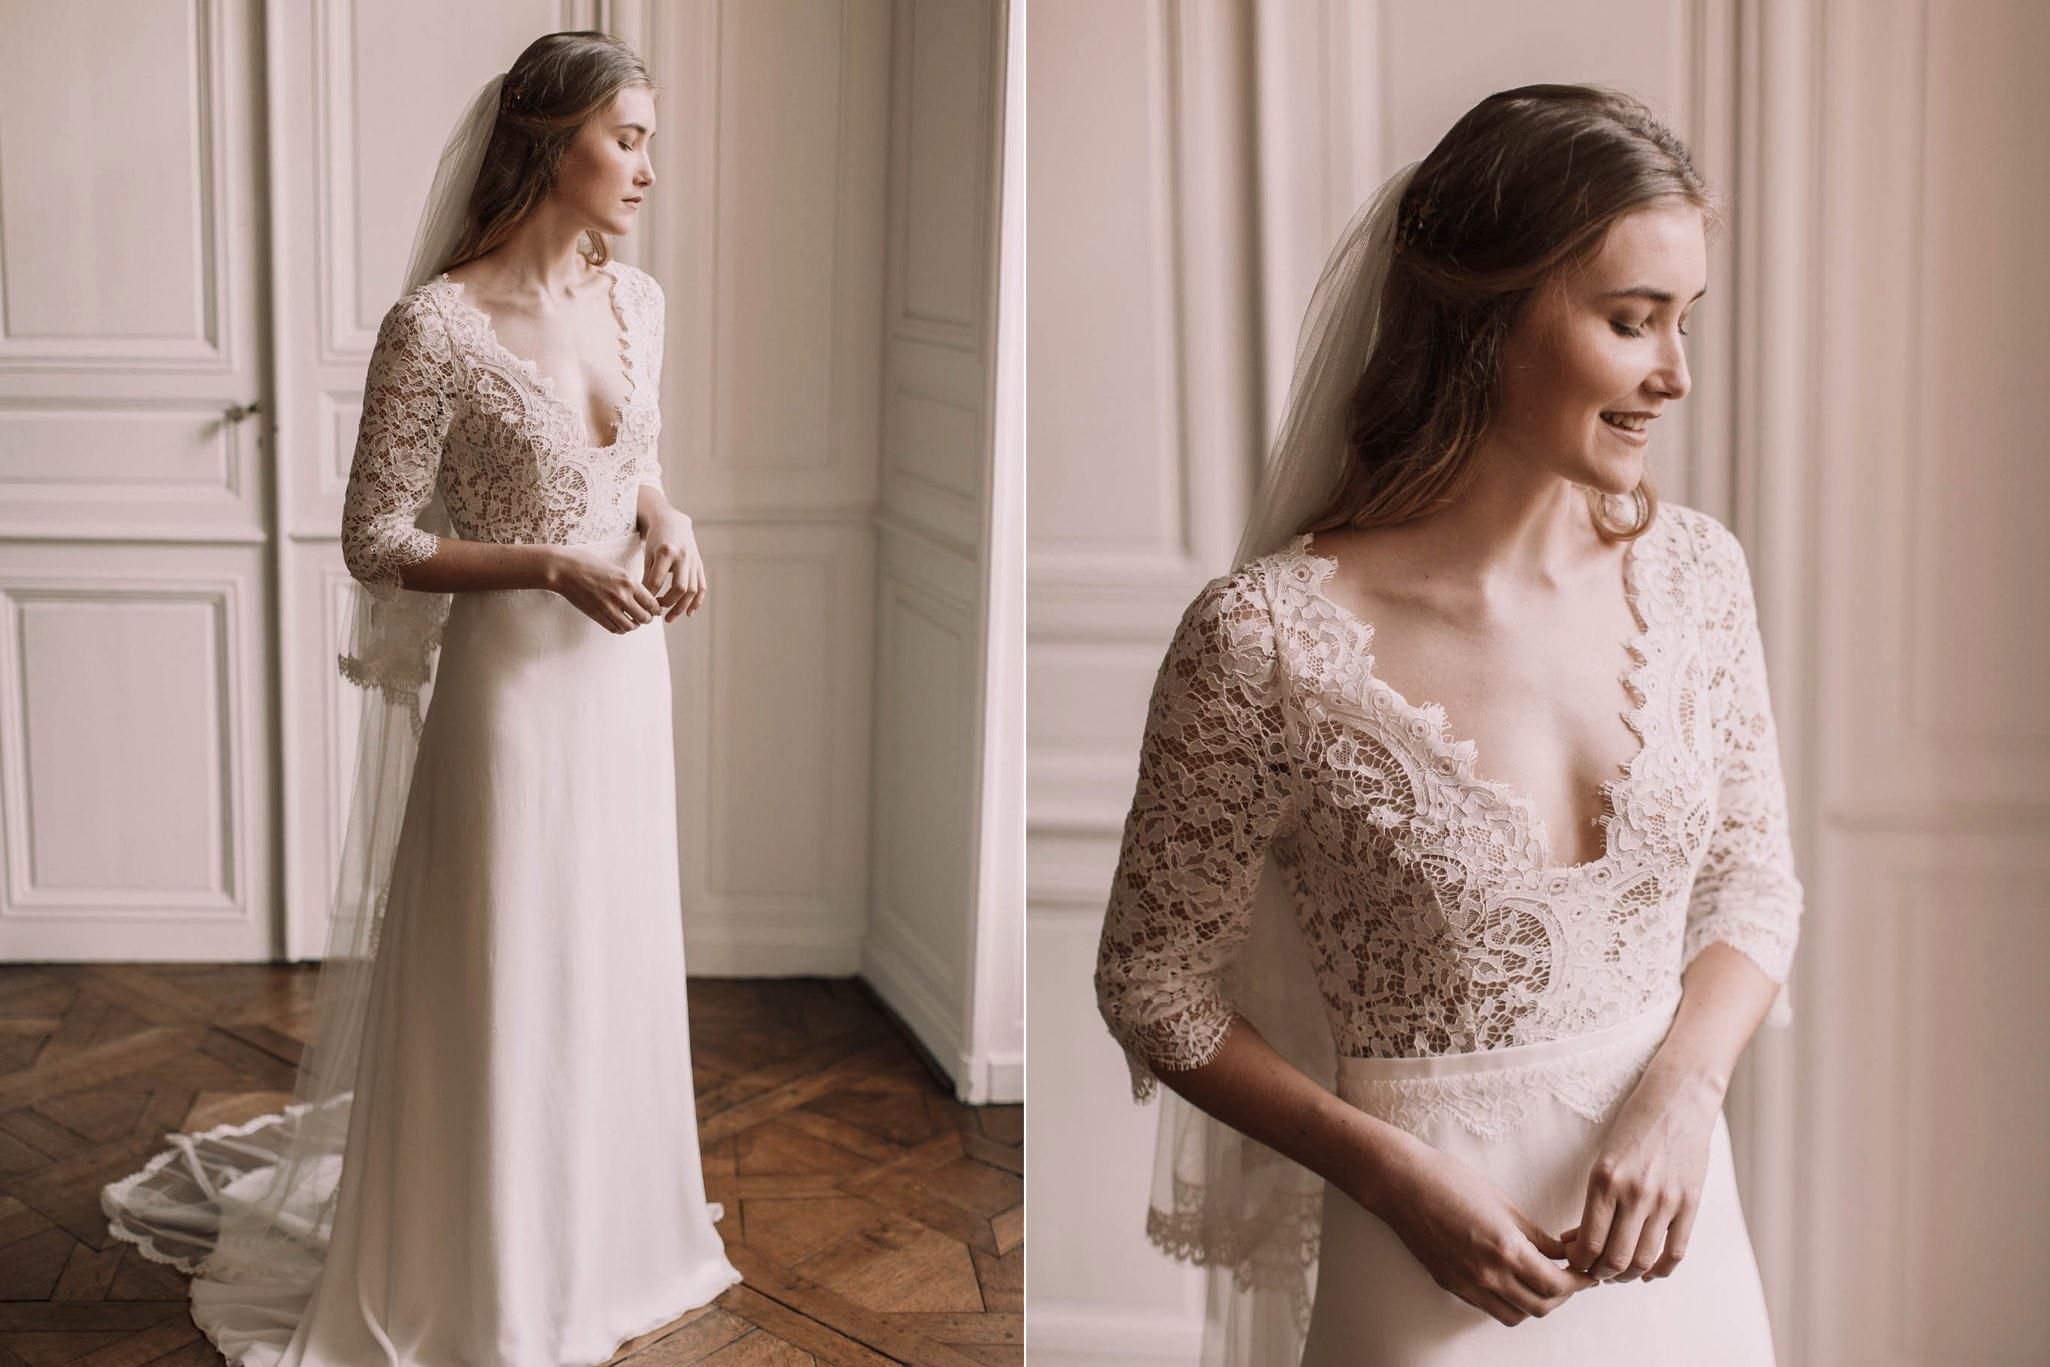 photographe-mariage-bordeaux-jeremy-boyer-white-minimal-28.jpg